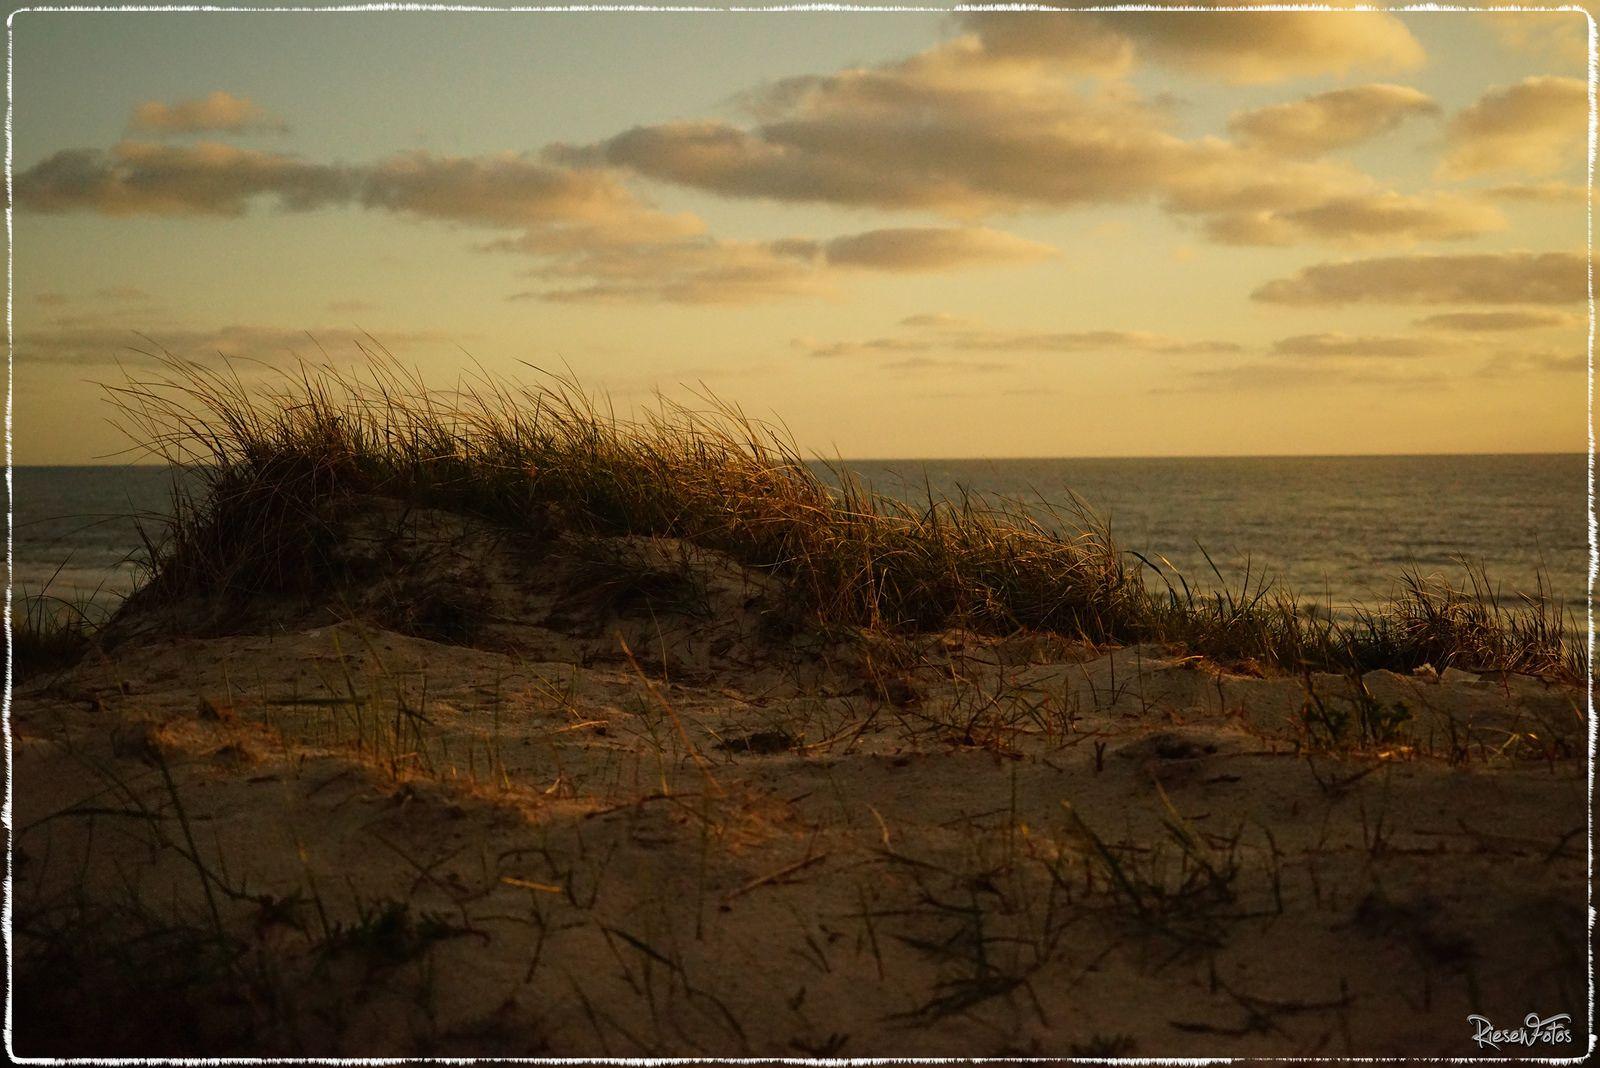 https://flic.kr/p/tgu5iq | Sylt | Impressionen von der Insel Sylt – Abendstimmung am Strand von Hörnum.